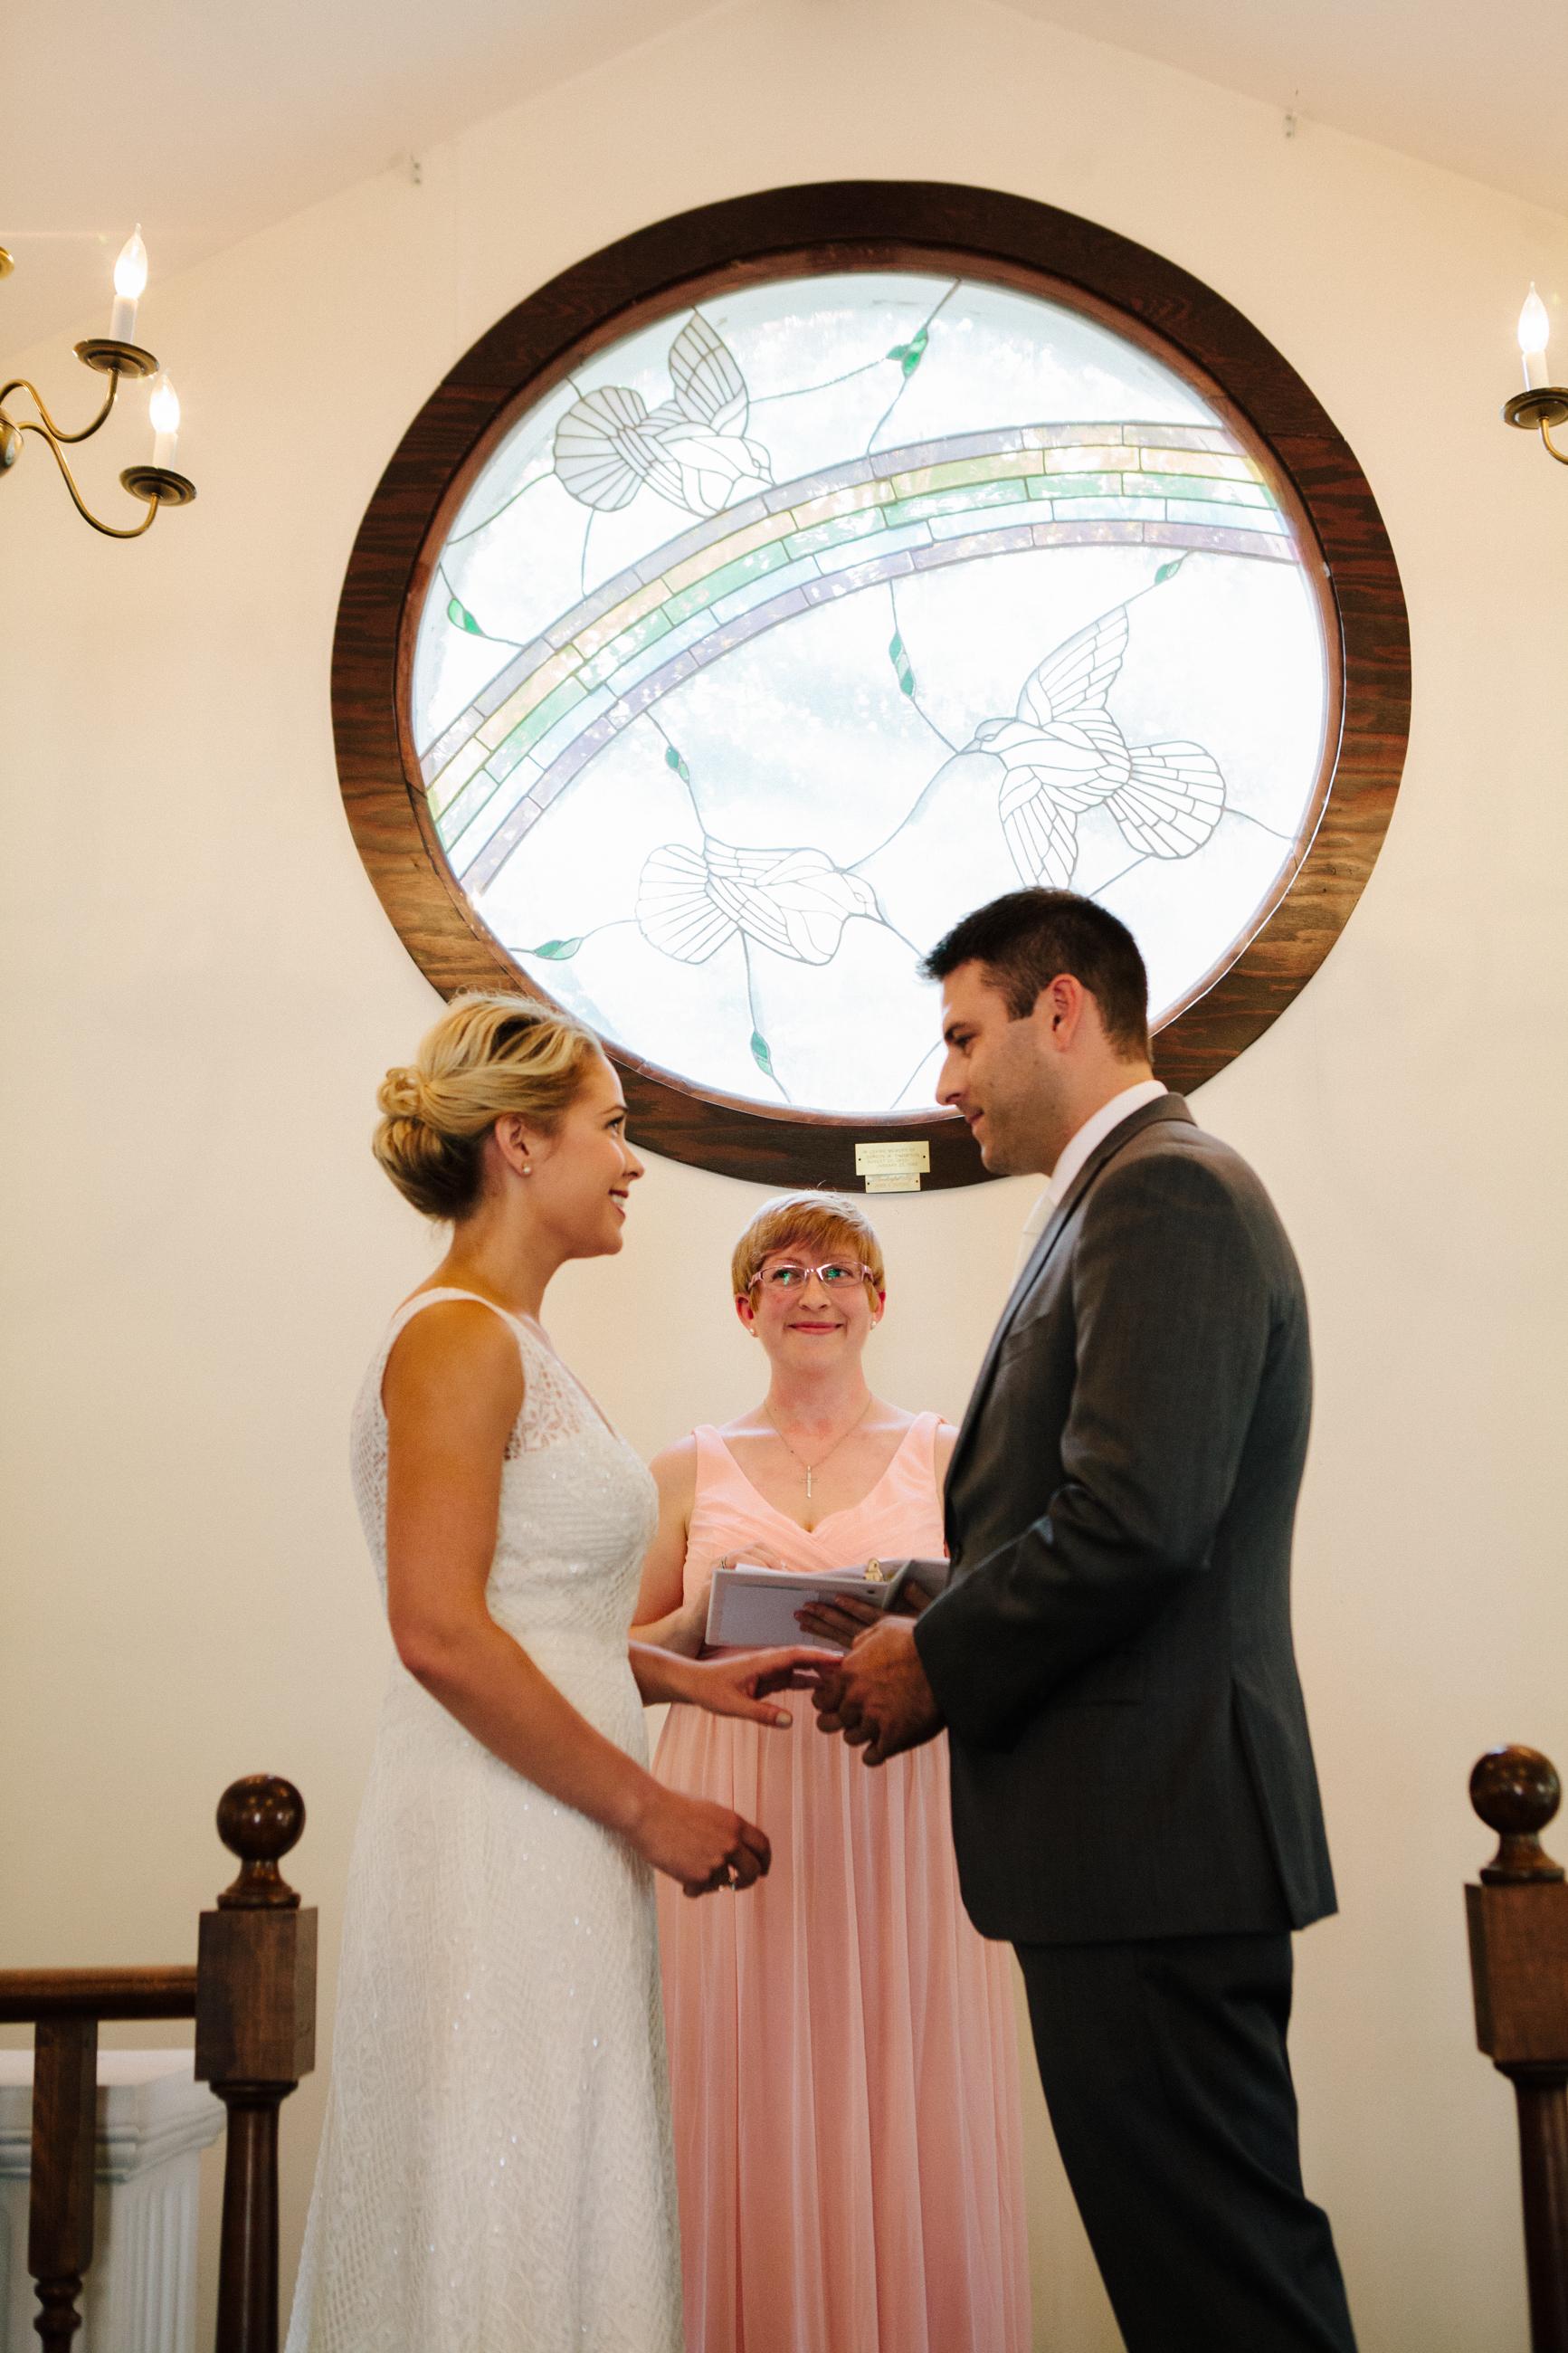 all-faiths-chapel-wedding-south-portland-maine-photography-691.jpg